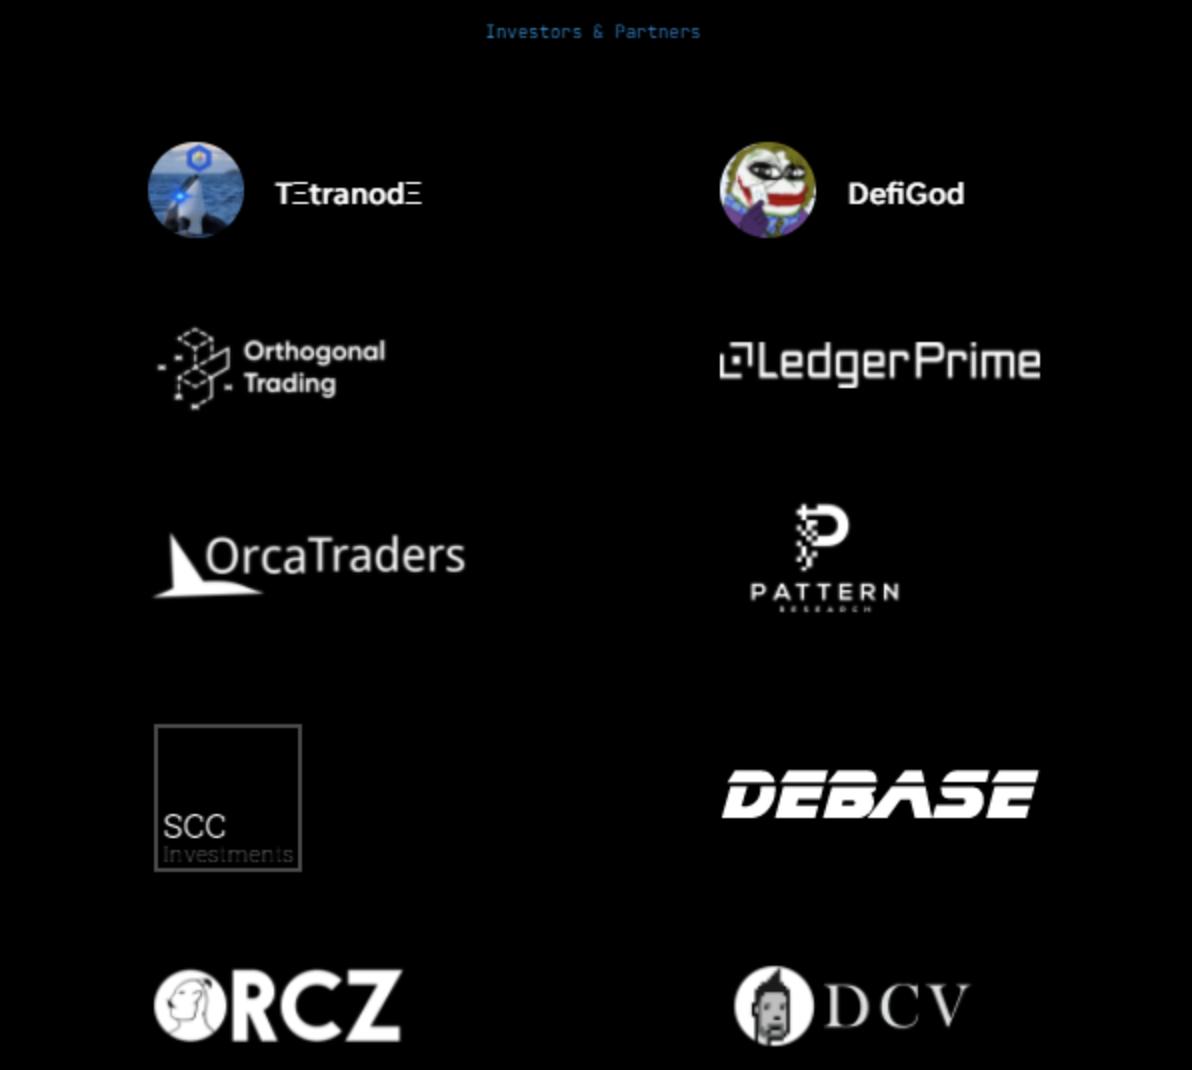 速览去中心化期权平台 Dopex 的回扣系统和双代币模型